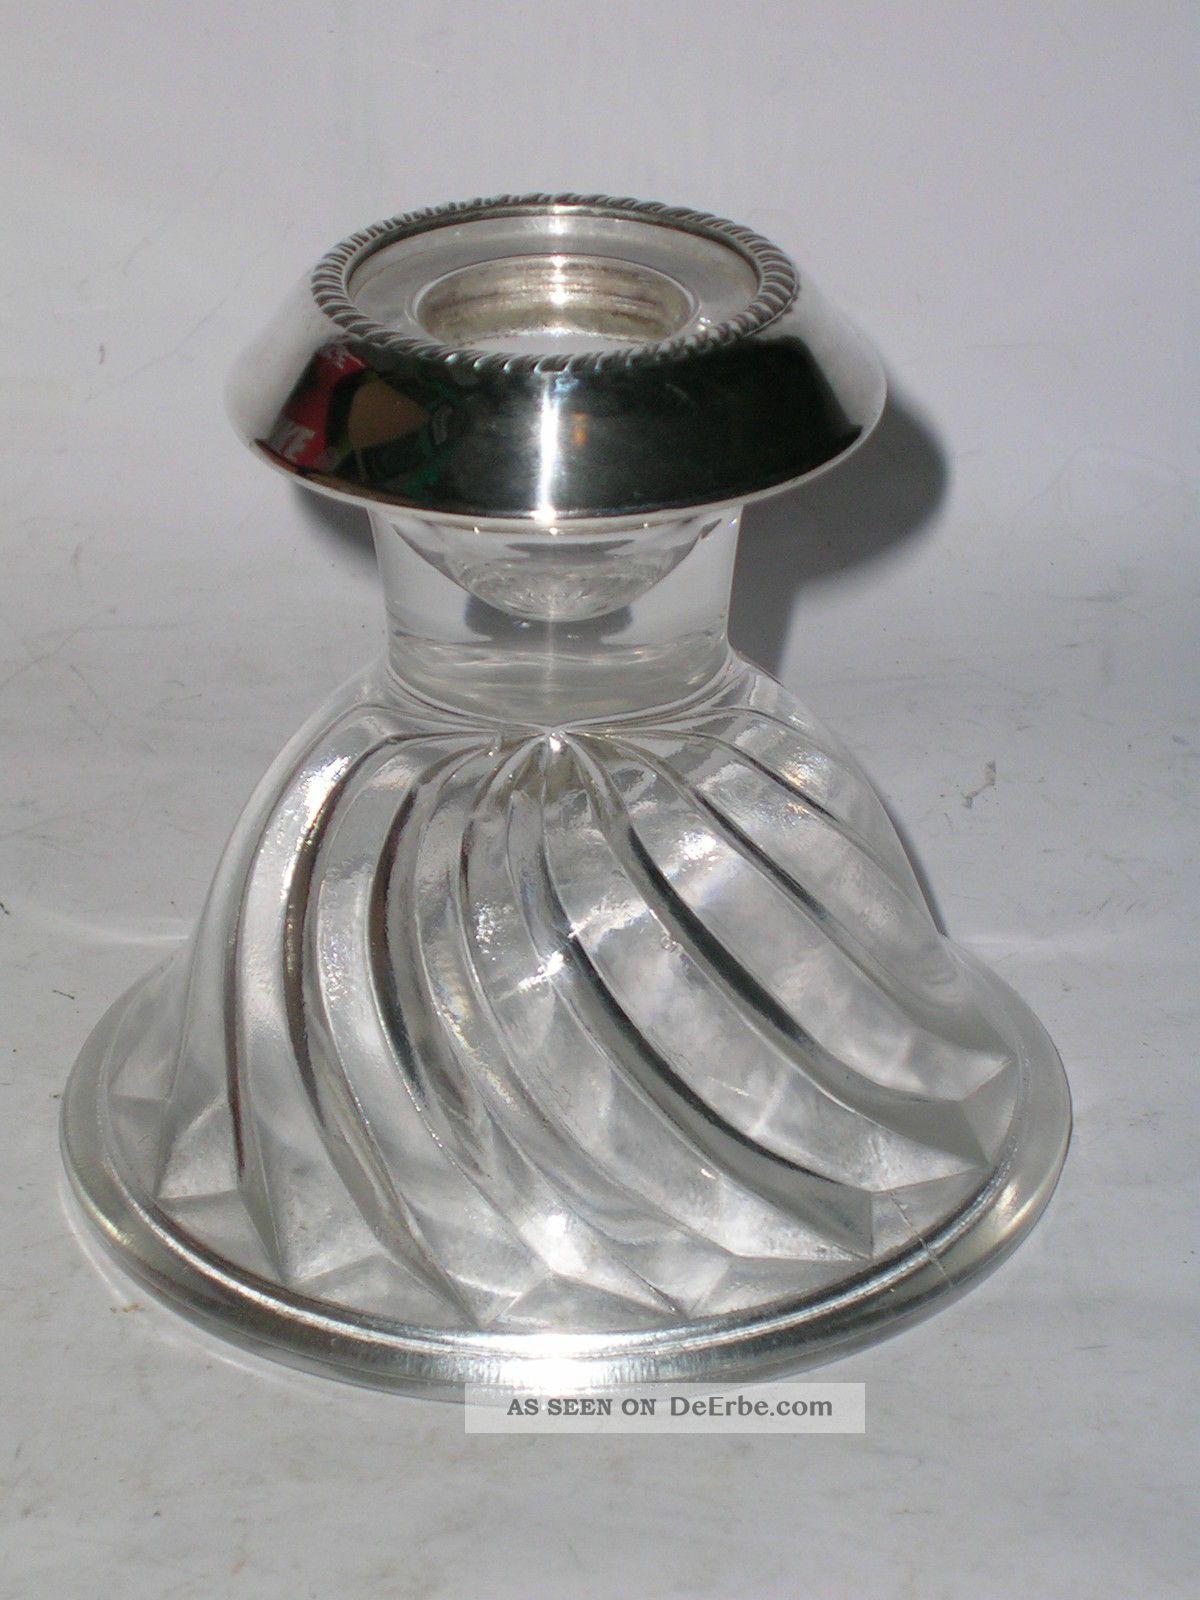 1965 Kristallleuchter Mit Silberrand Saben Glass Co.  Usa Kristall Bild